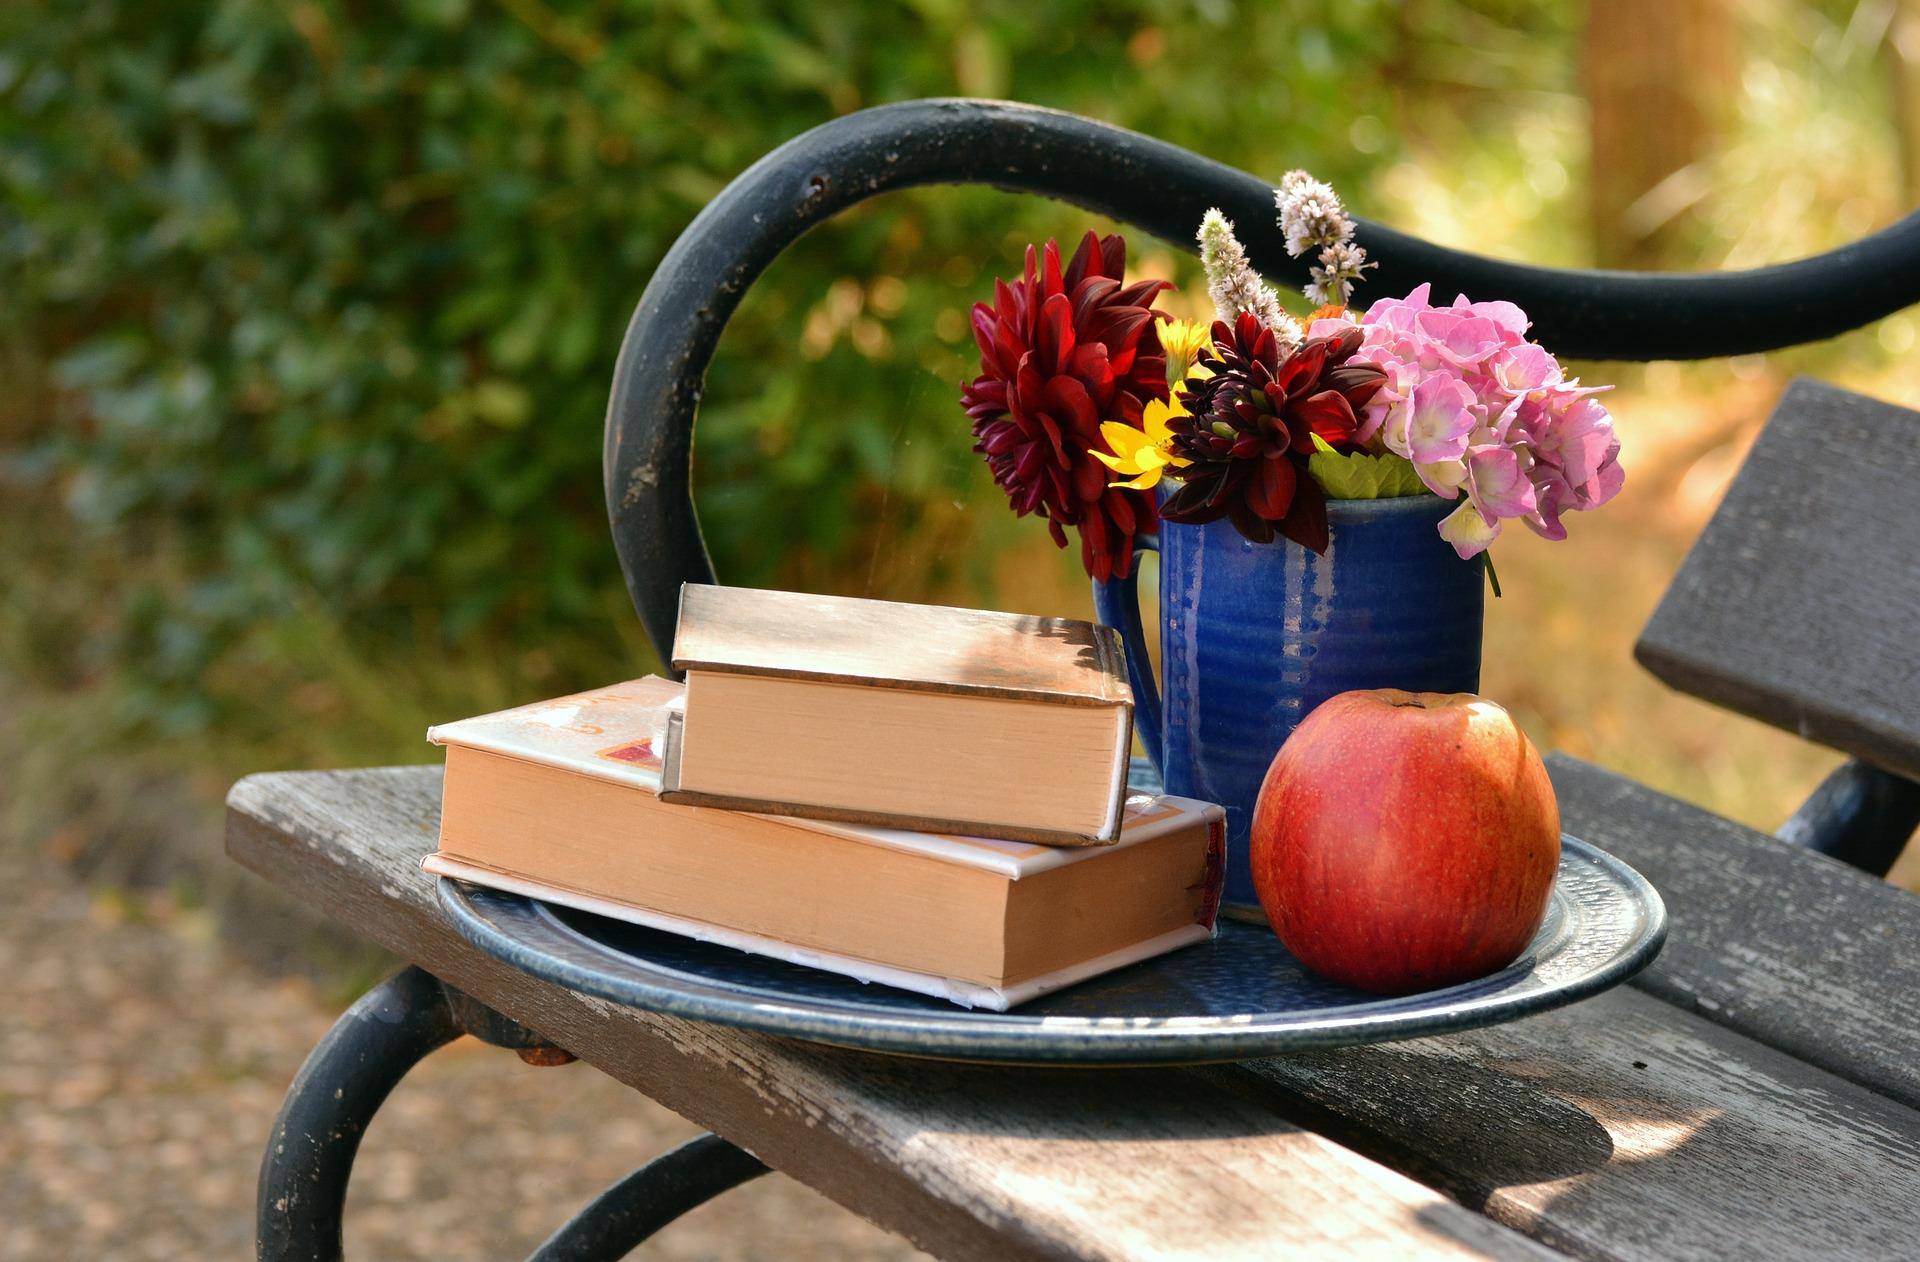 kirjoja ja omena puiston penkillä